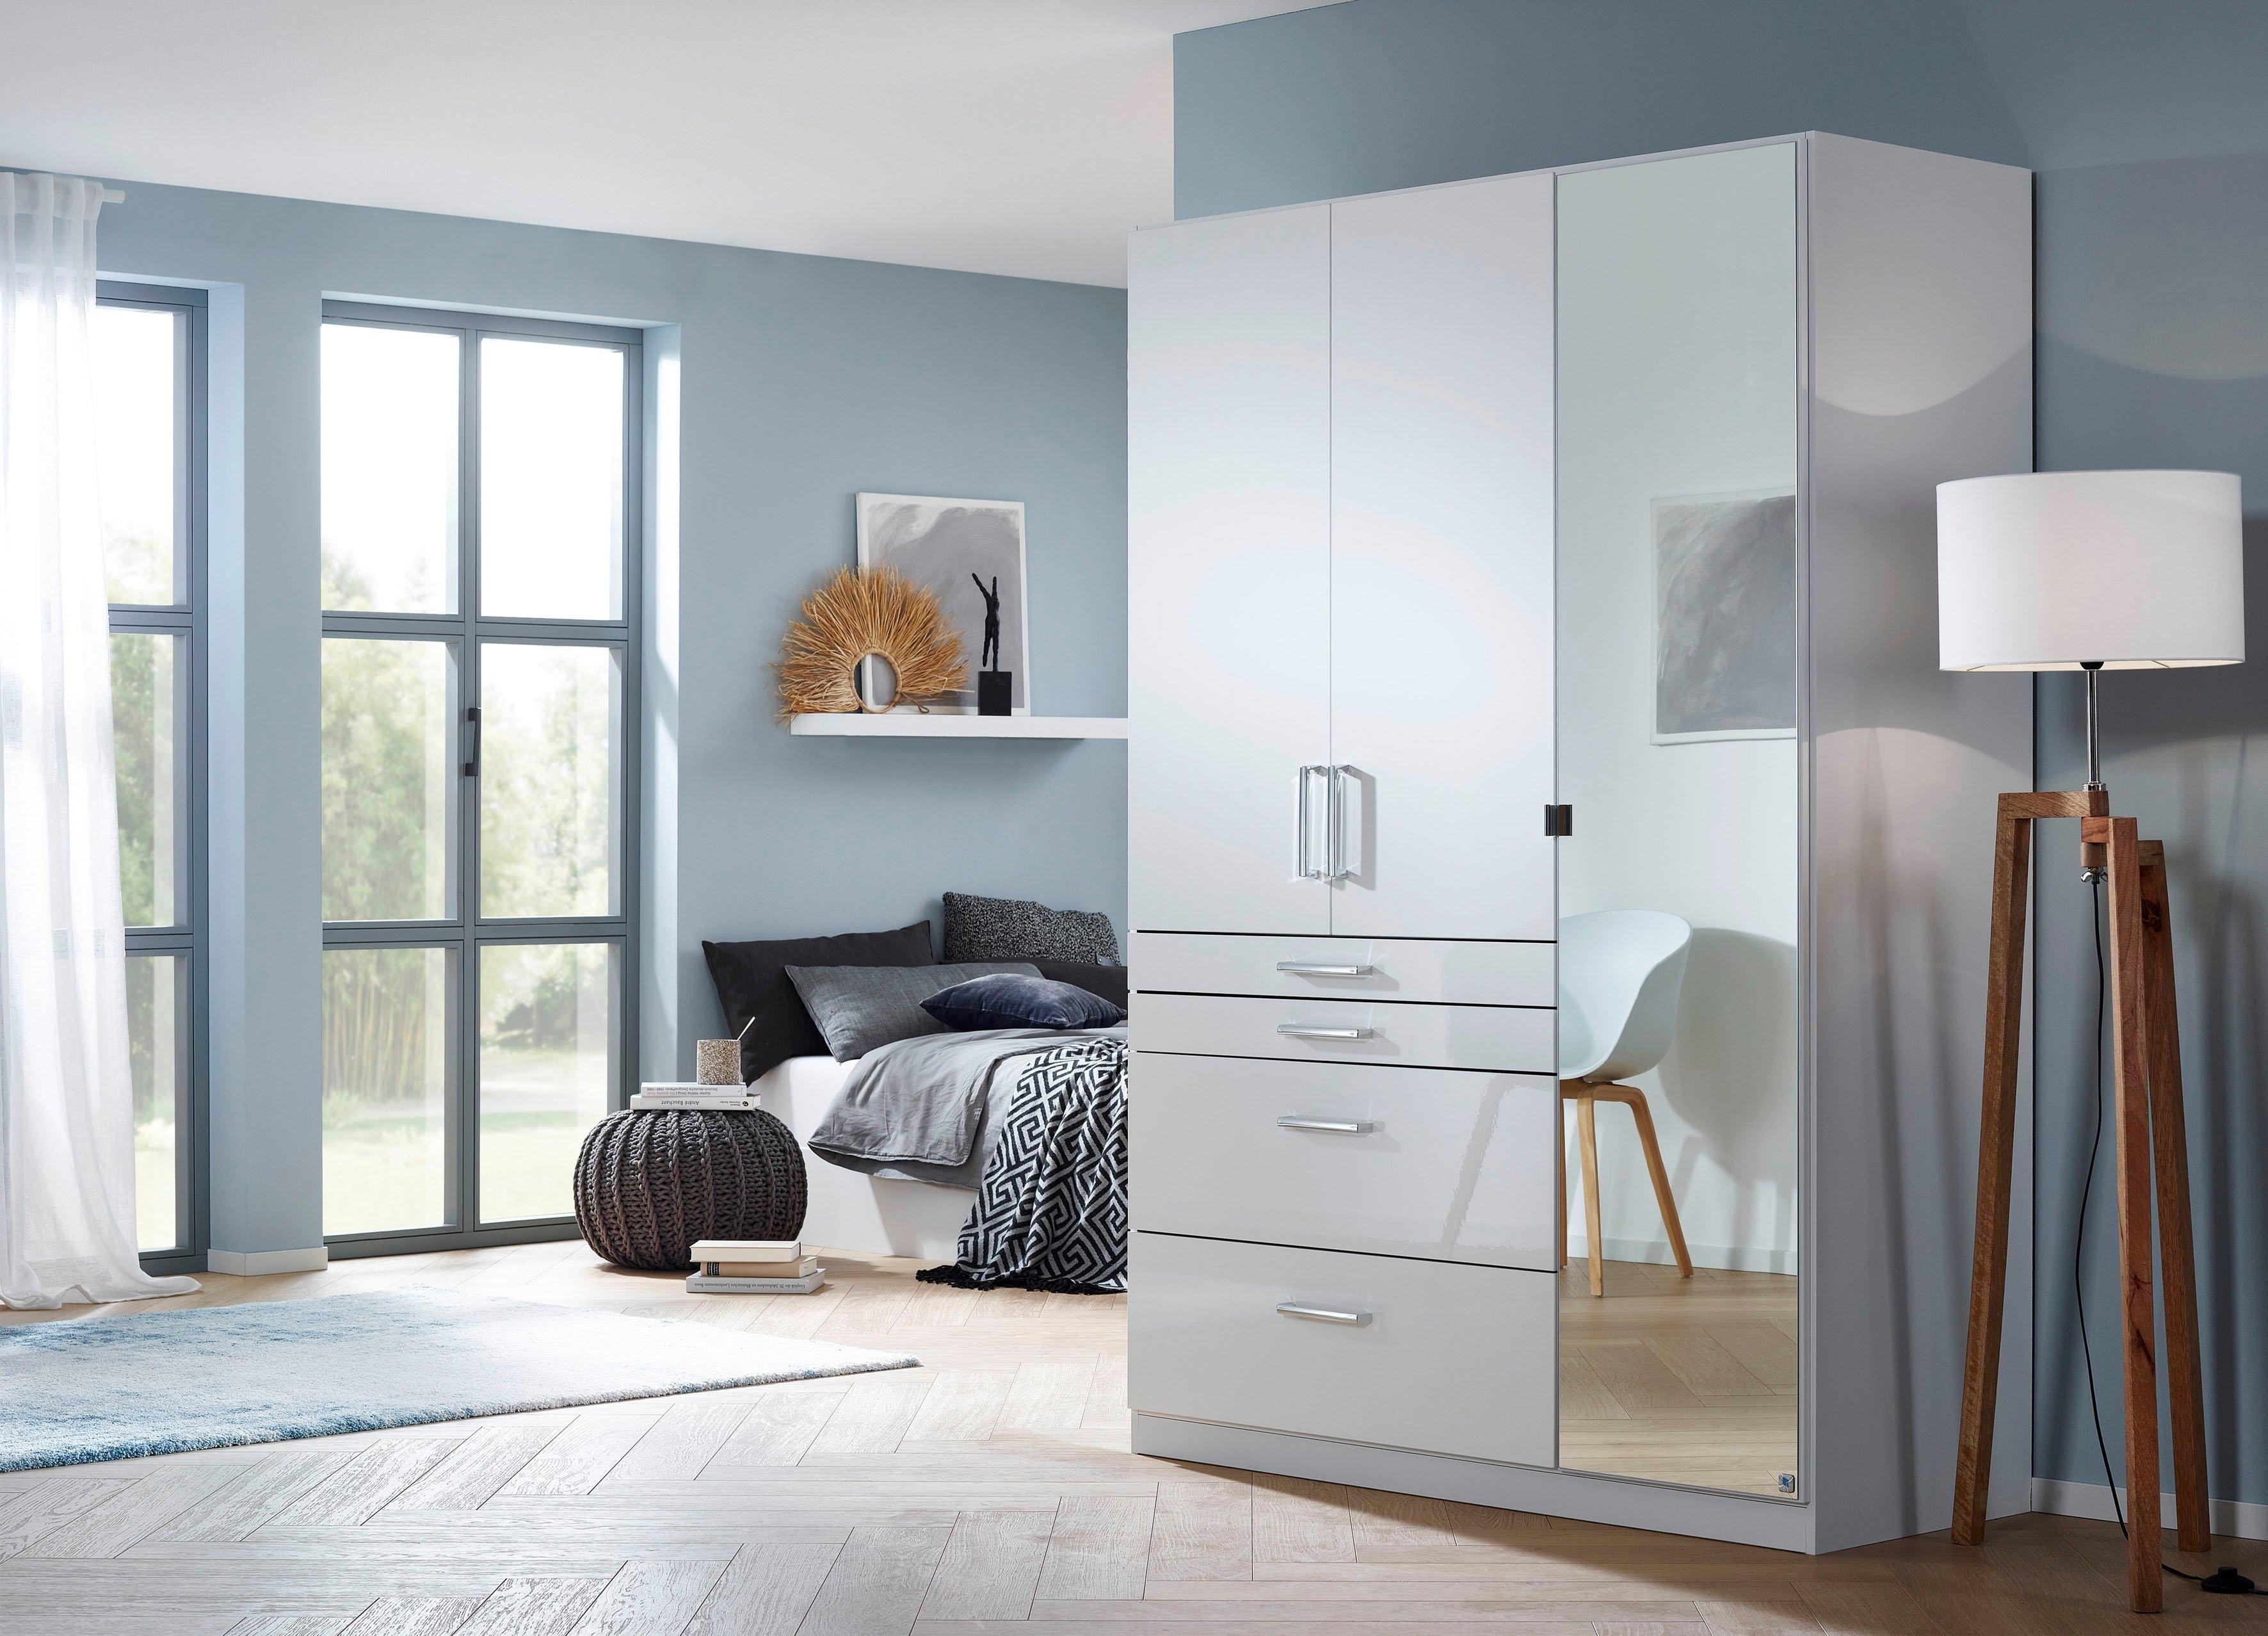 Rauch SELECT Draaideurkast Homburg met spiegel, bovenste lade met indeling bij OTTO online kopen